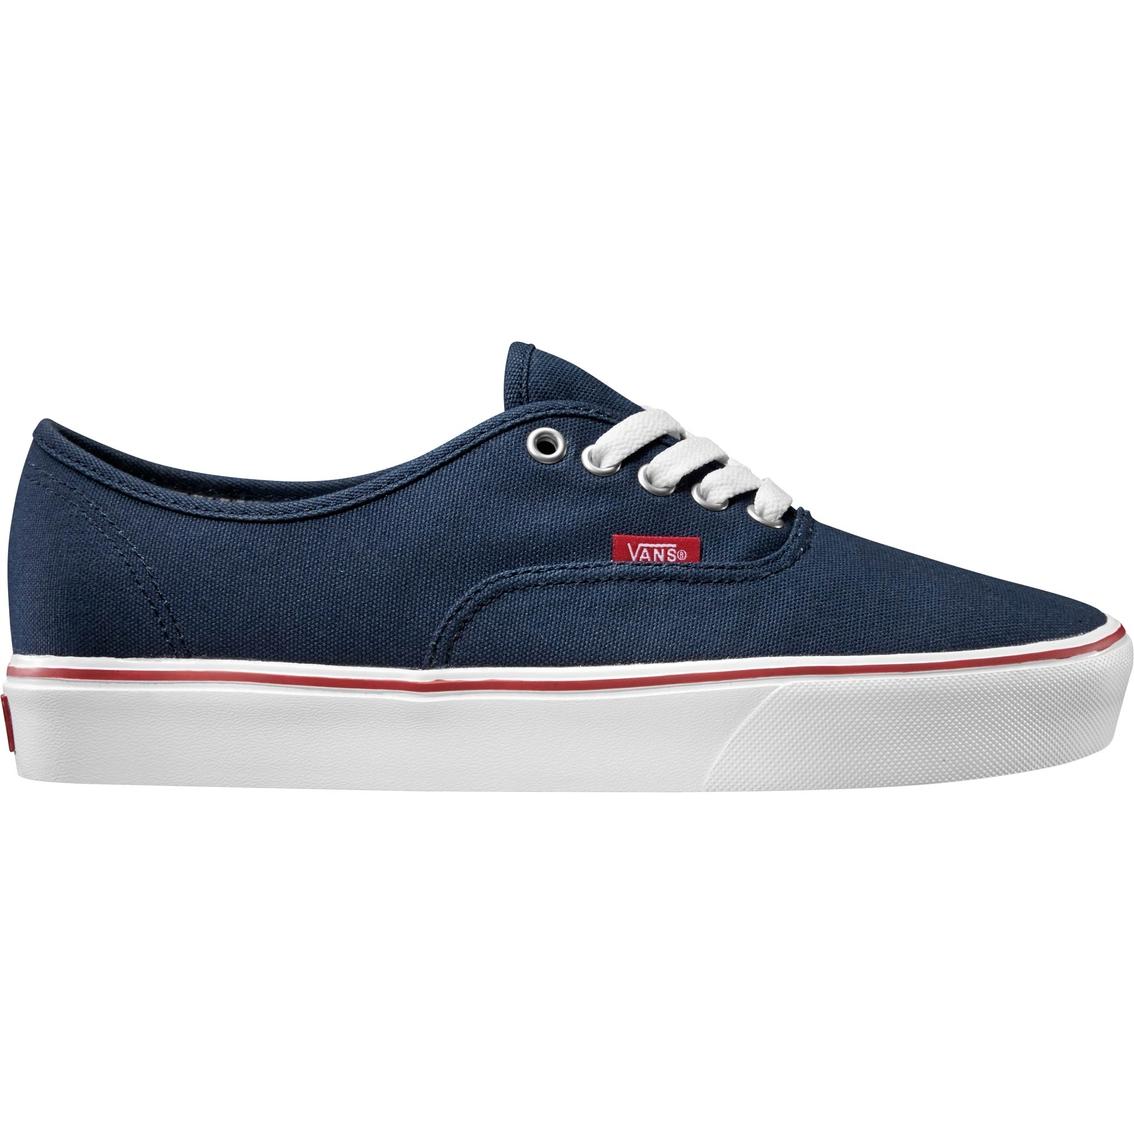 Vans Men's Authentic Lite Dress Blue Lifestyle Shoes   Sneakers ...